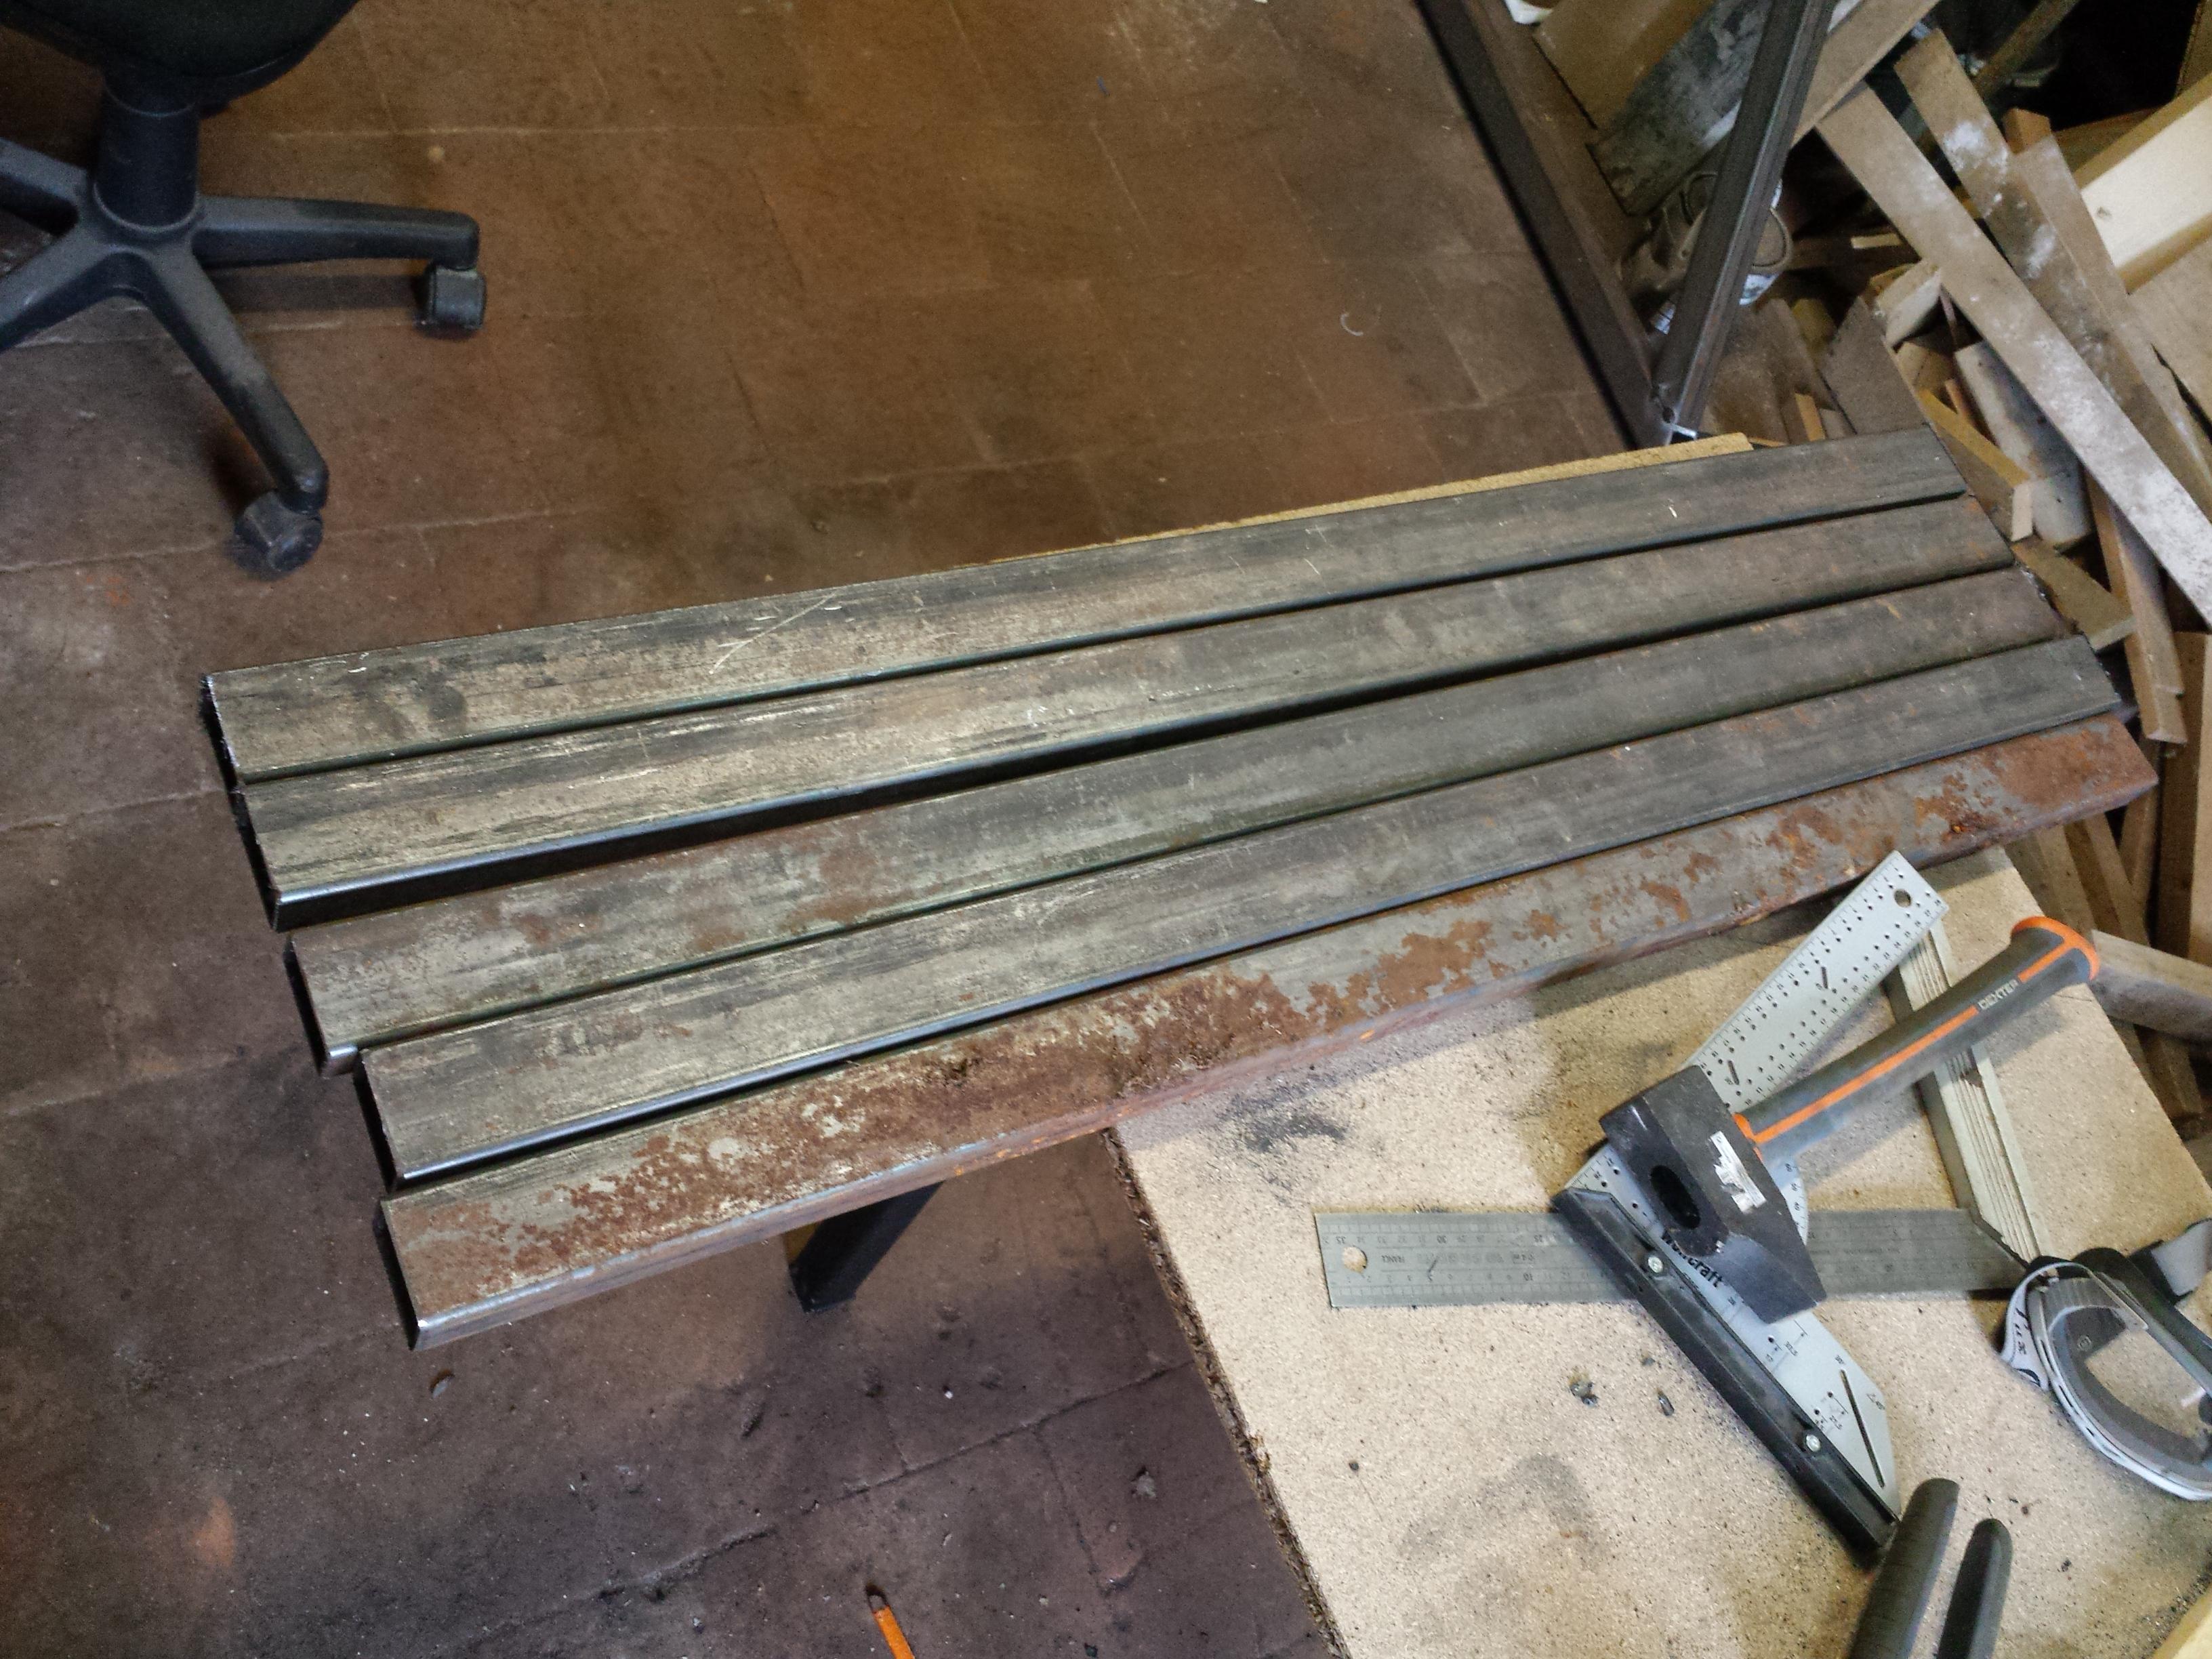 rambarde en fer et cable main courante en bois tout plein de trucs. Black Bedroom Furniture Sets. Home Design Ideas